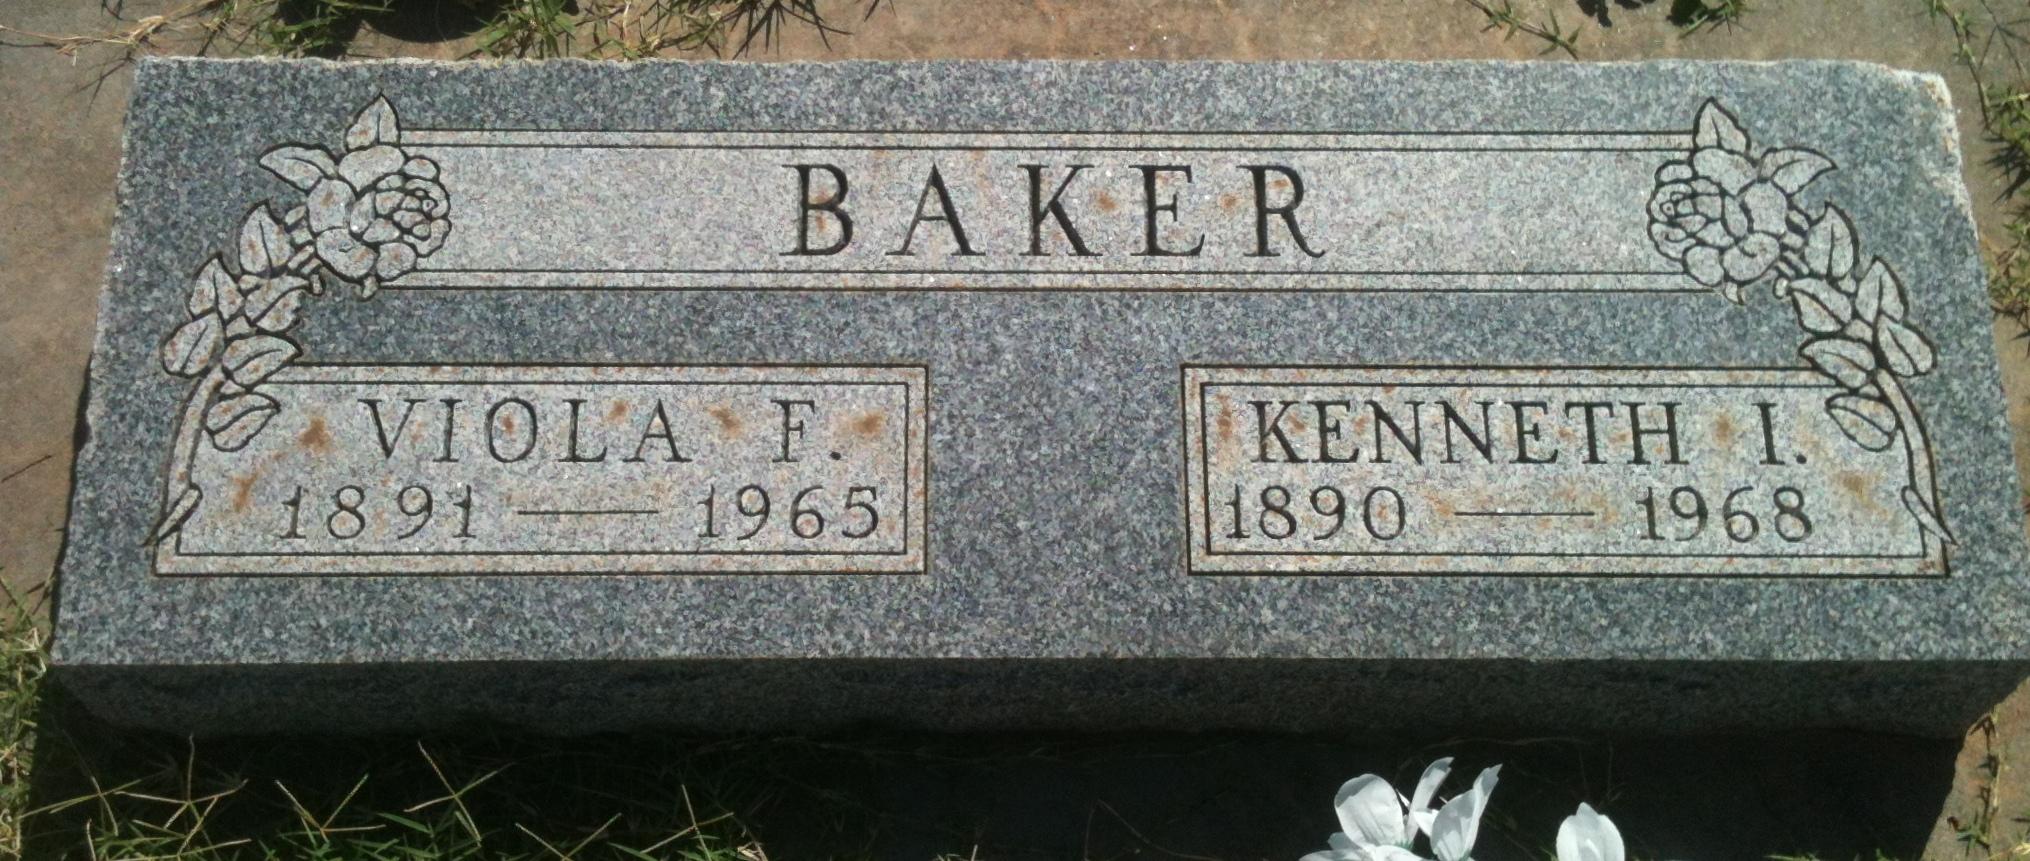 Viola F. Baker